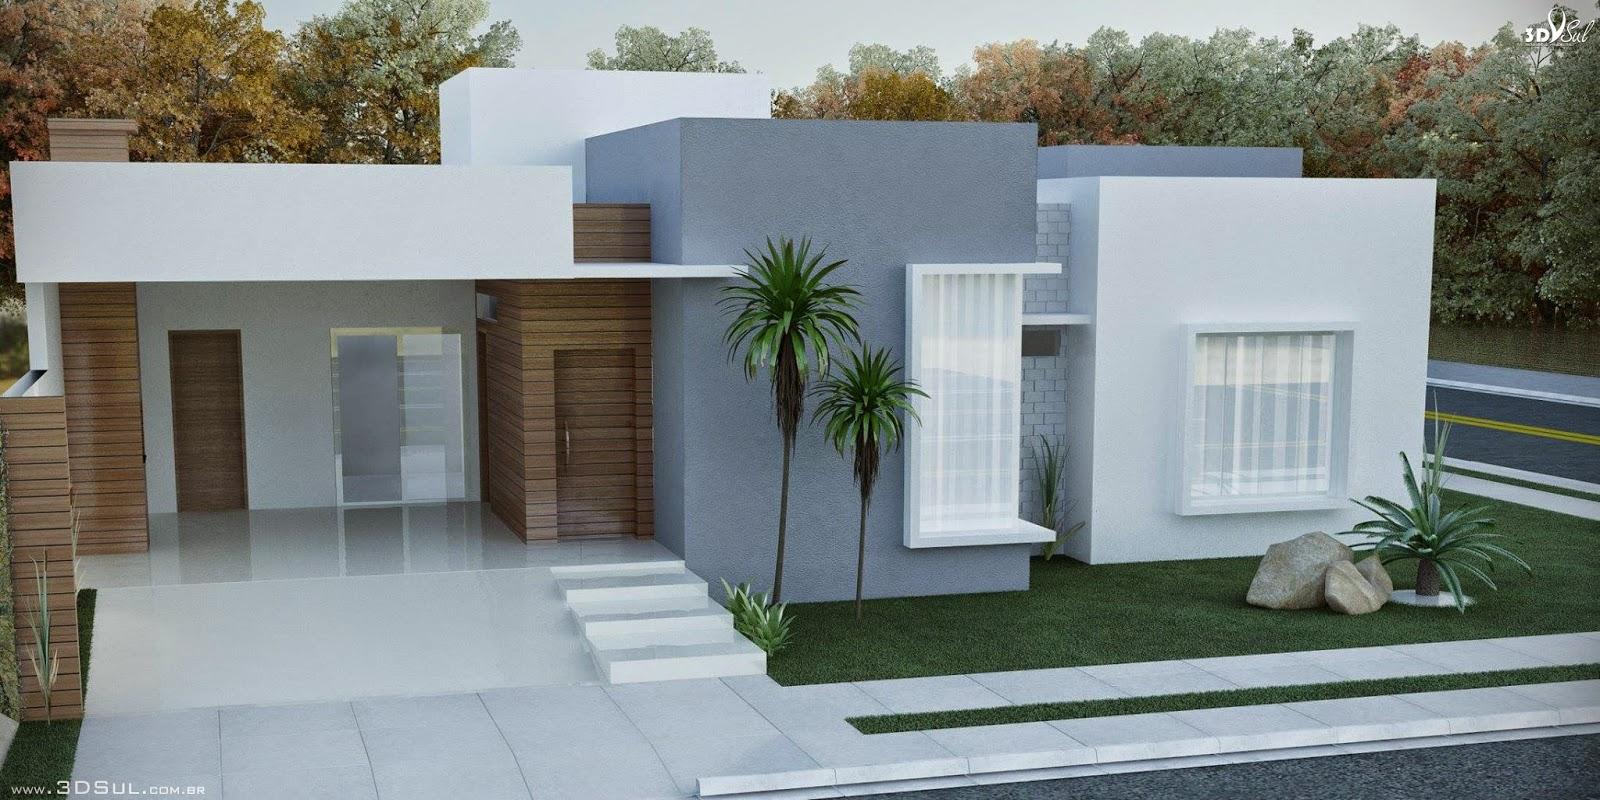 3dsul maquete eletr nica 3d projeto arquitetura for Casa moderna 2015 orari